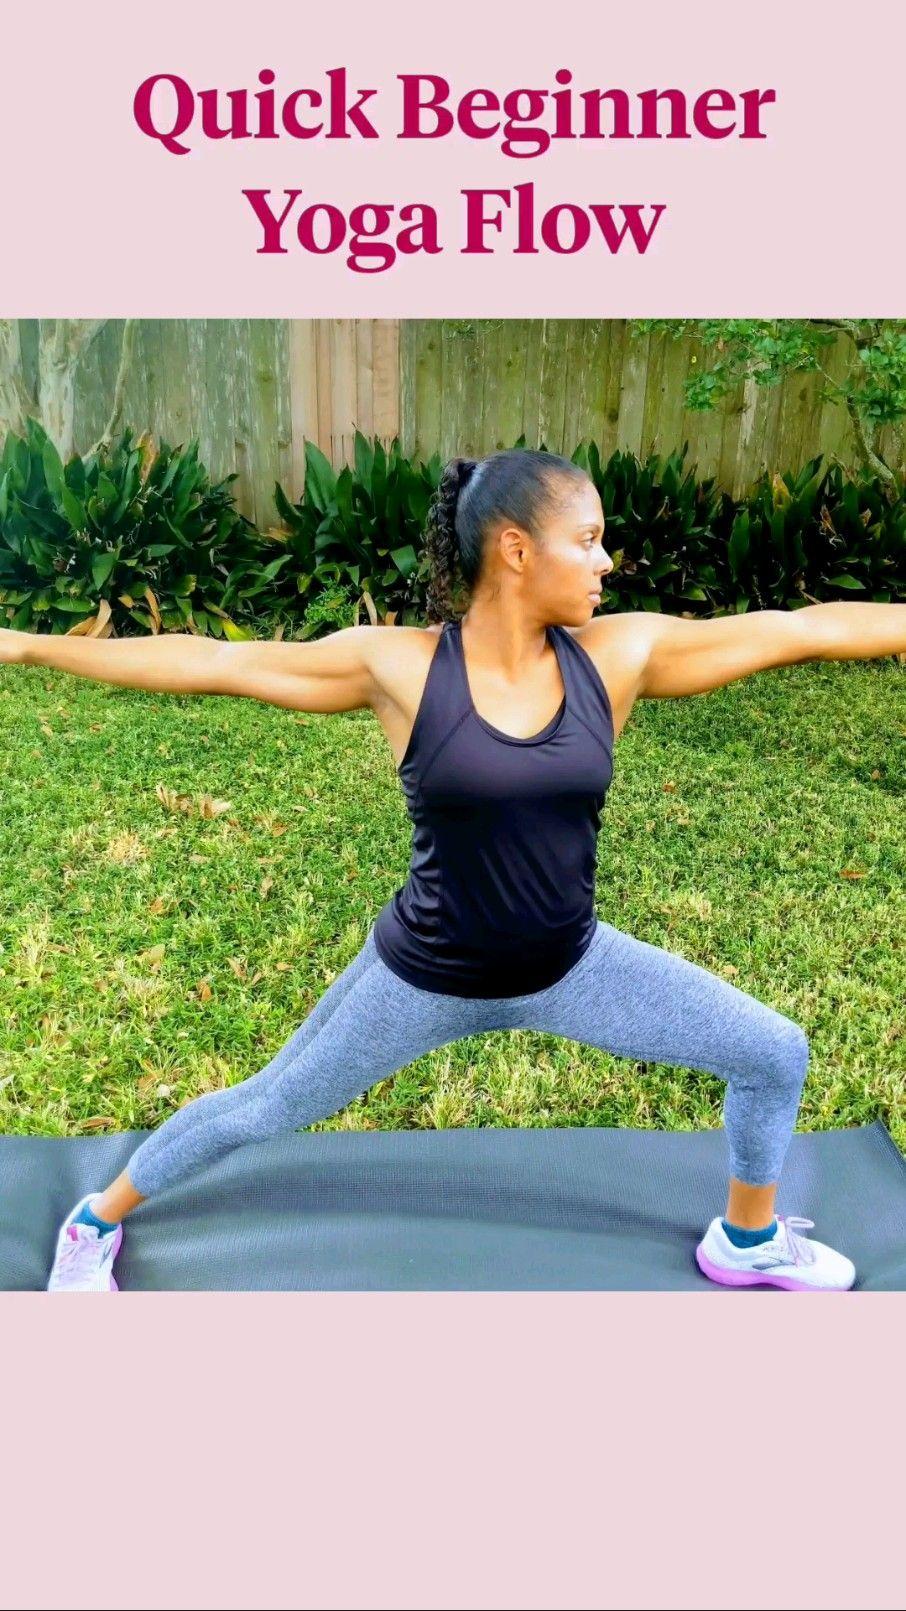 Quick Beginner Yoga Flow